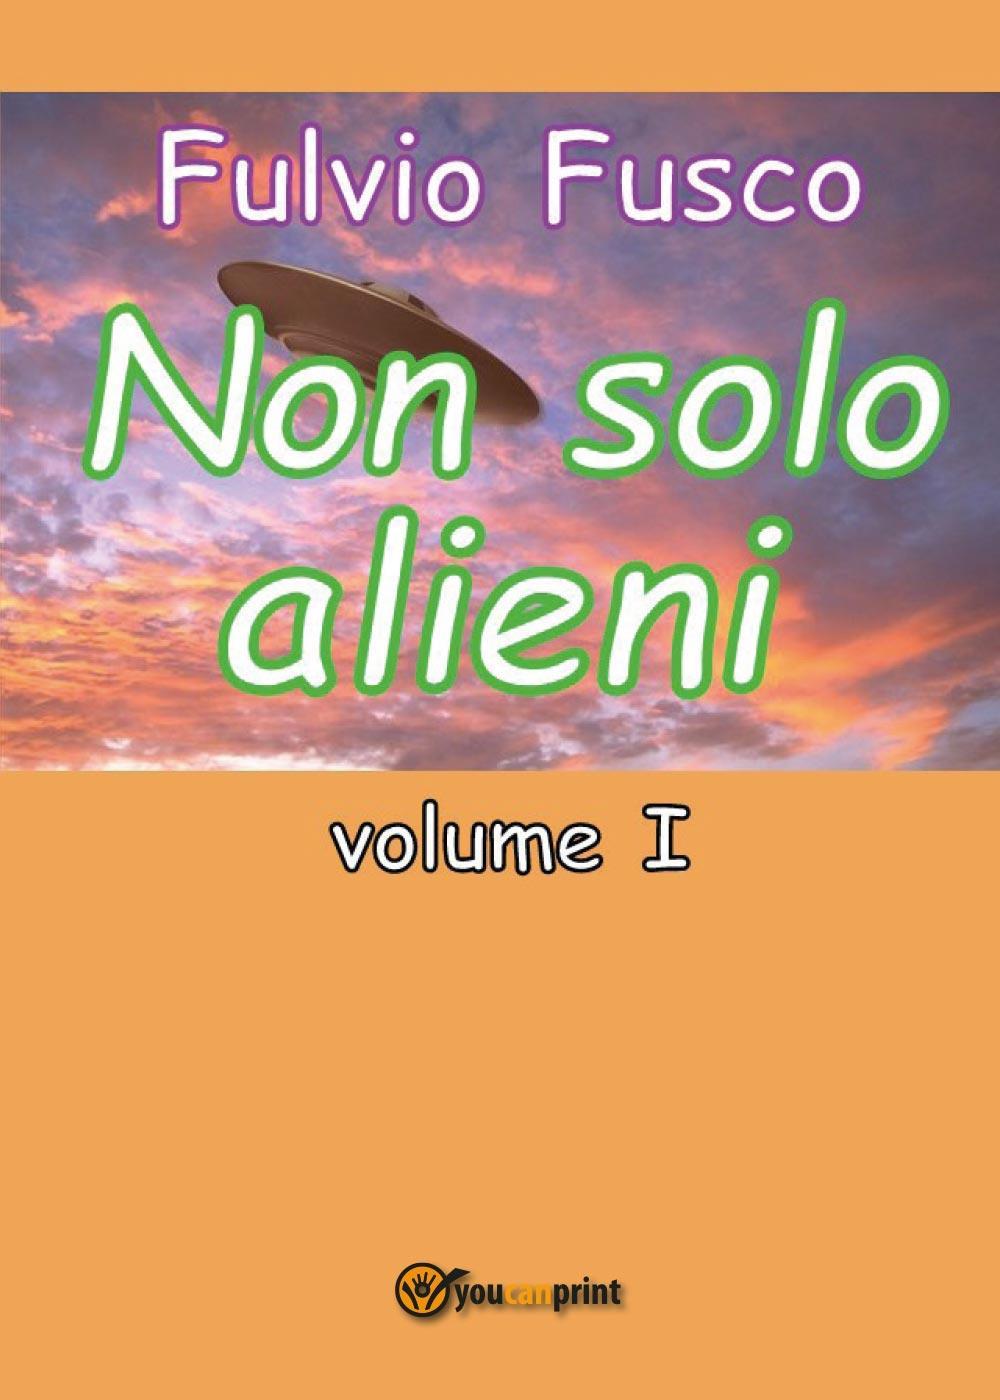 Non solo alieni - Vol. I